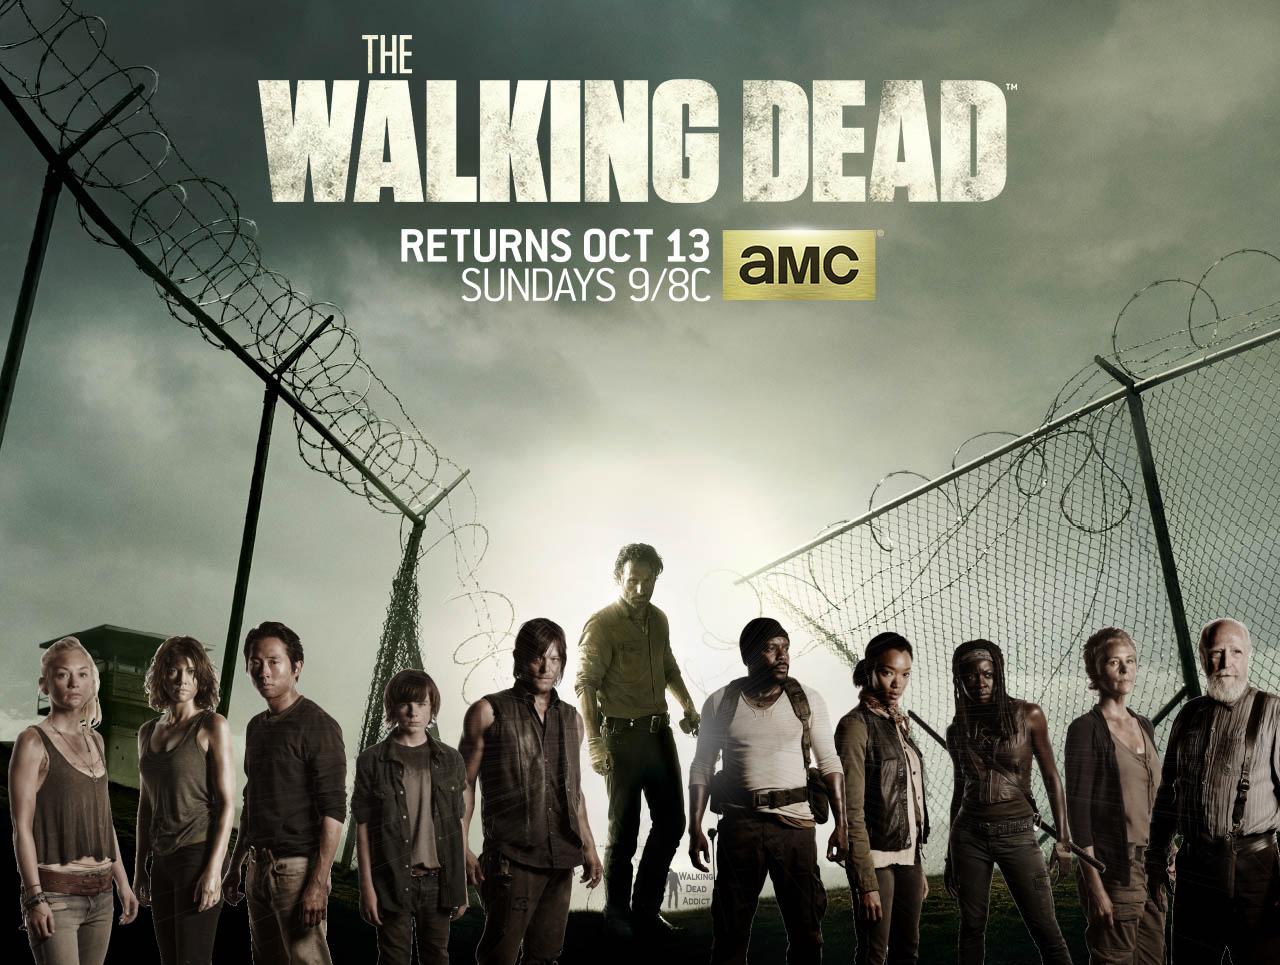 walking dead season 4 cast wallpaper by daydreambeliever